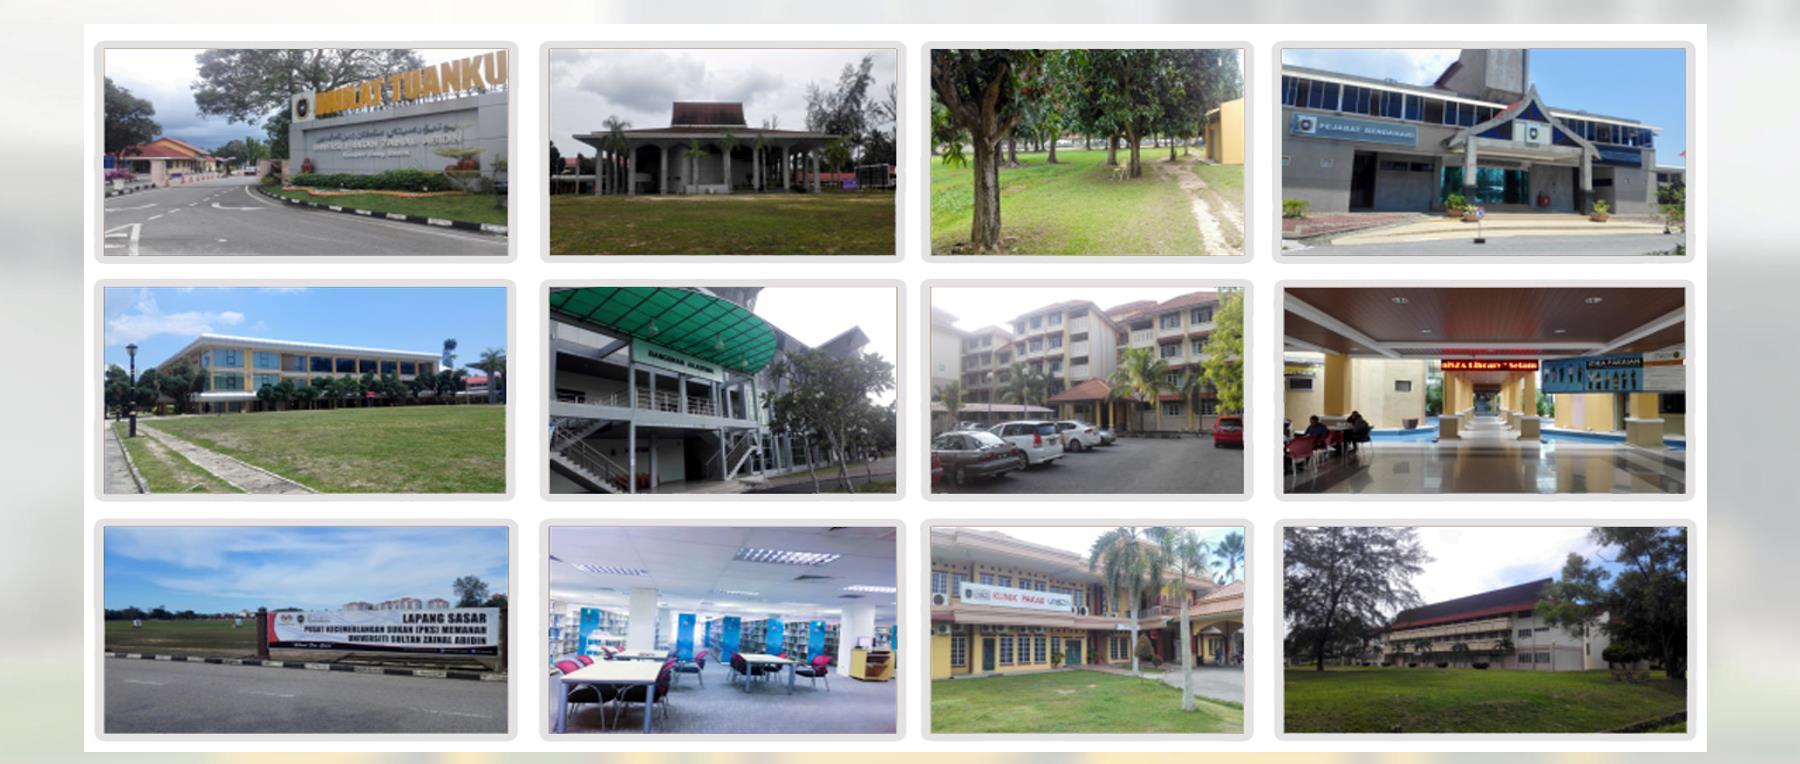 马来西亚苏丹再纳阿比汀大学校园风景